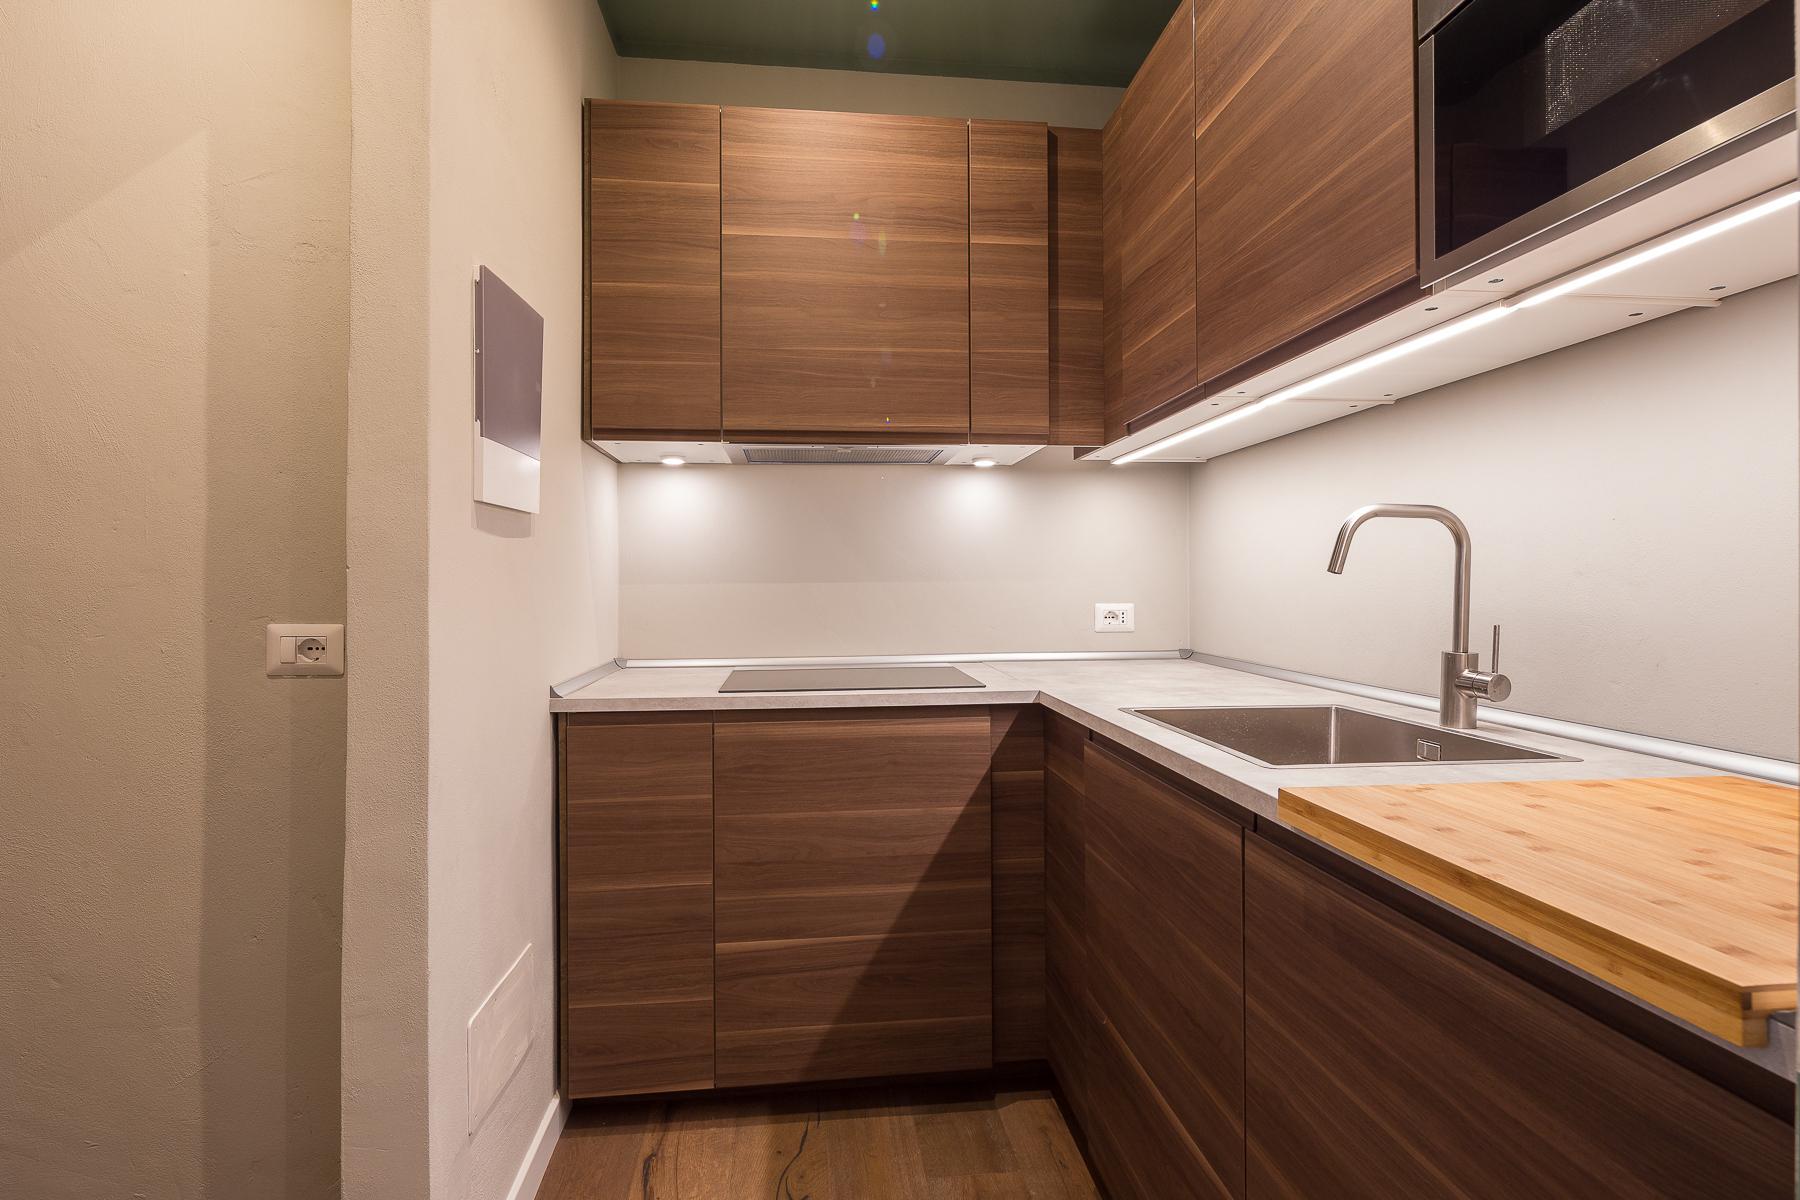 Appartamento in Affitto a Milano: 2 locali, 73 mq - Foto 5